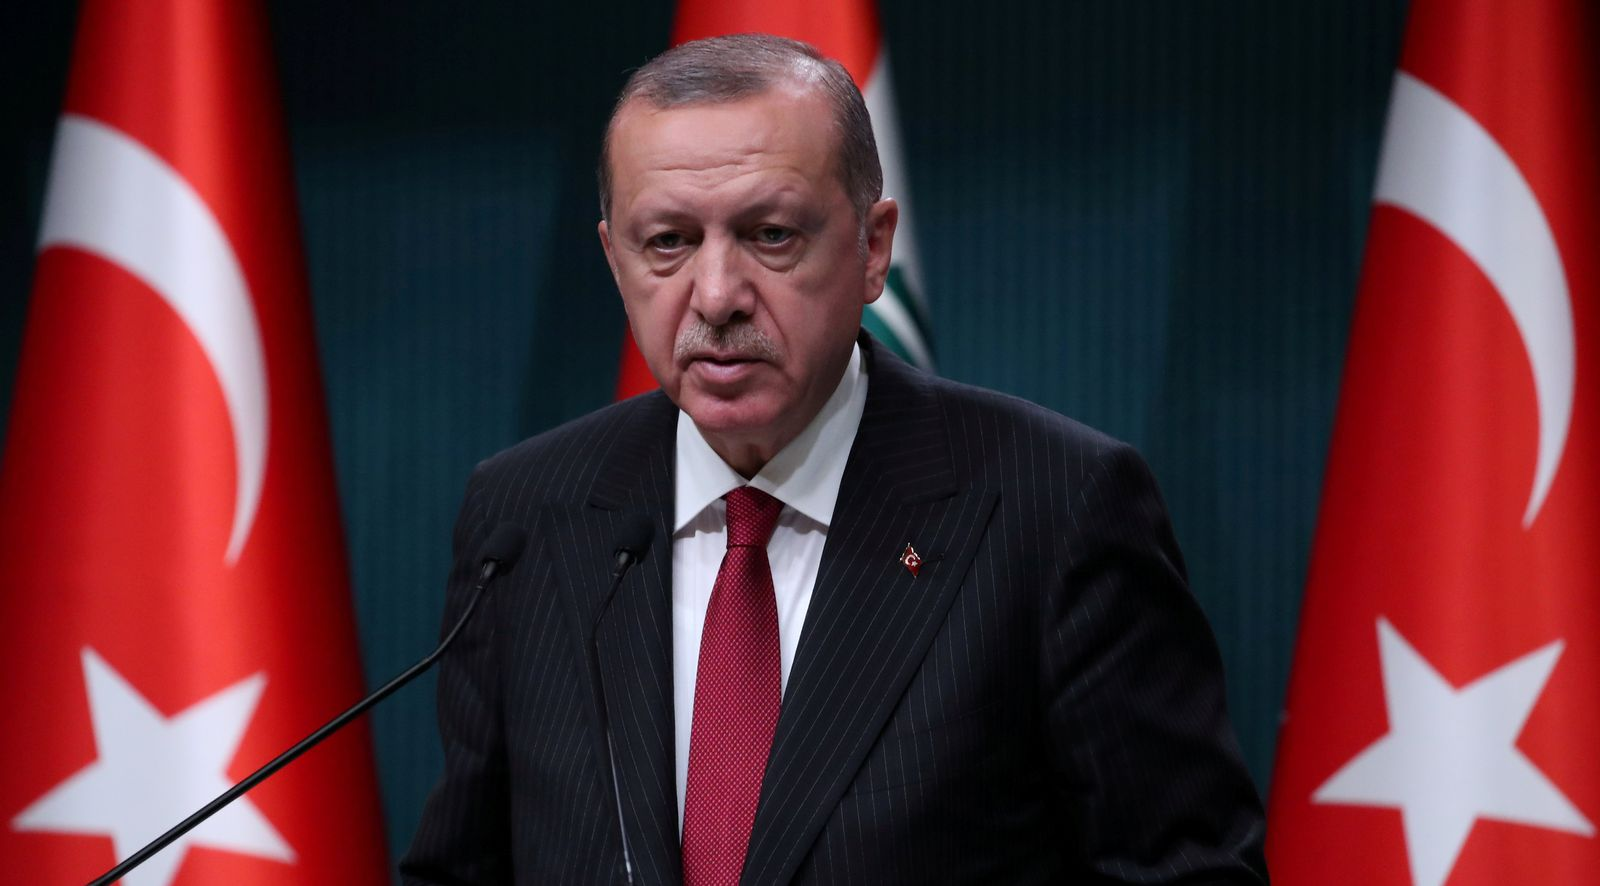 TURKEY-ECONOMY/FUND